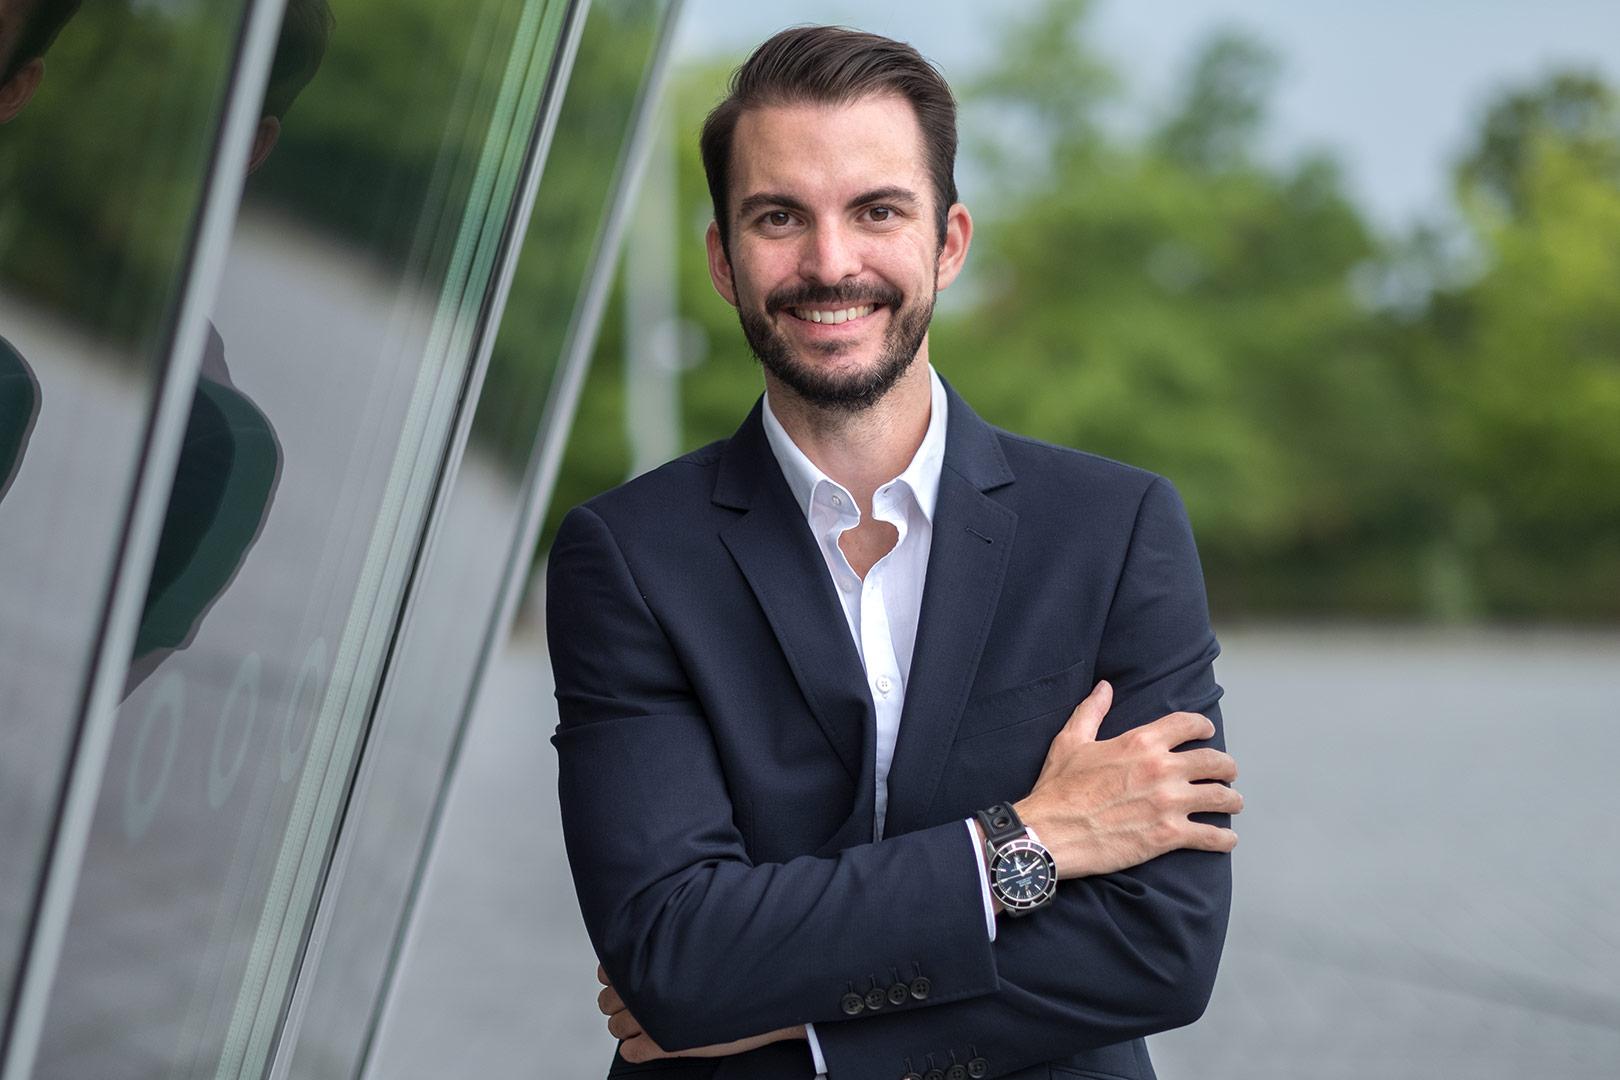 Portrait von Gerrit Speidel im Anzug